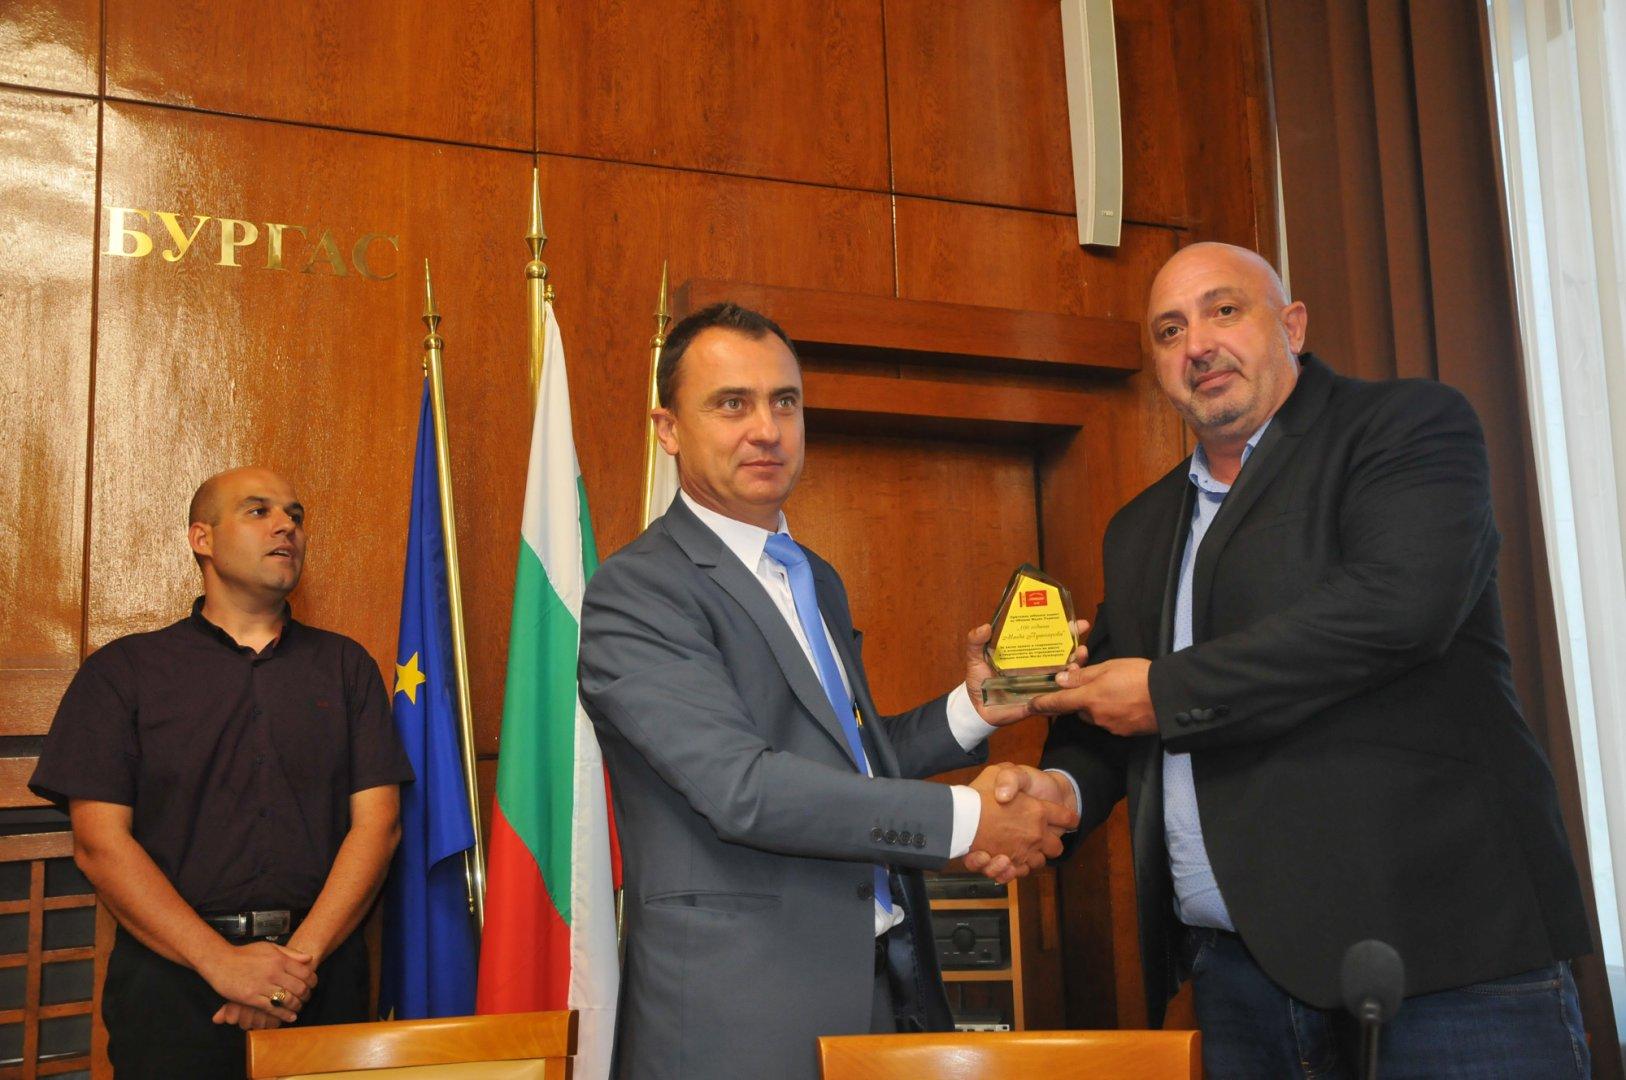 Председателят на дружество Странджа Стефан Колев (в средата) връчи плакета на кмета на Малко Търново Илиян Янчев. Снимка Черноморие-бг